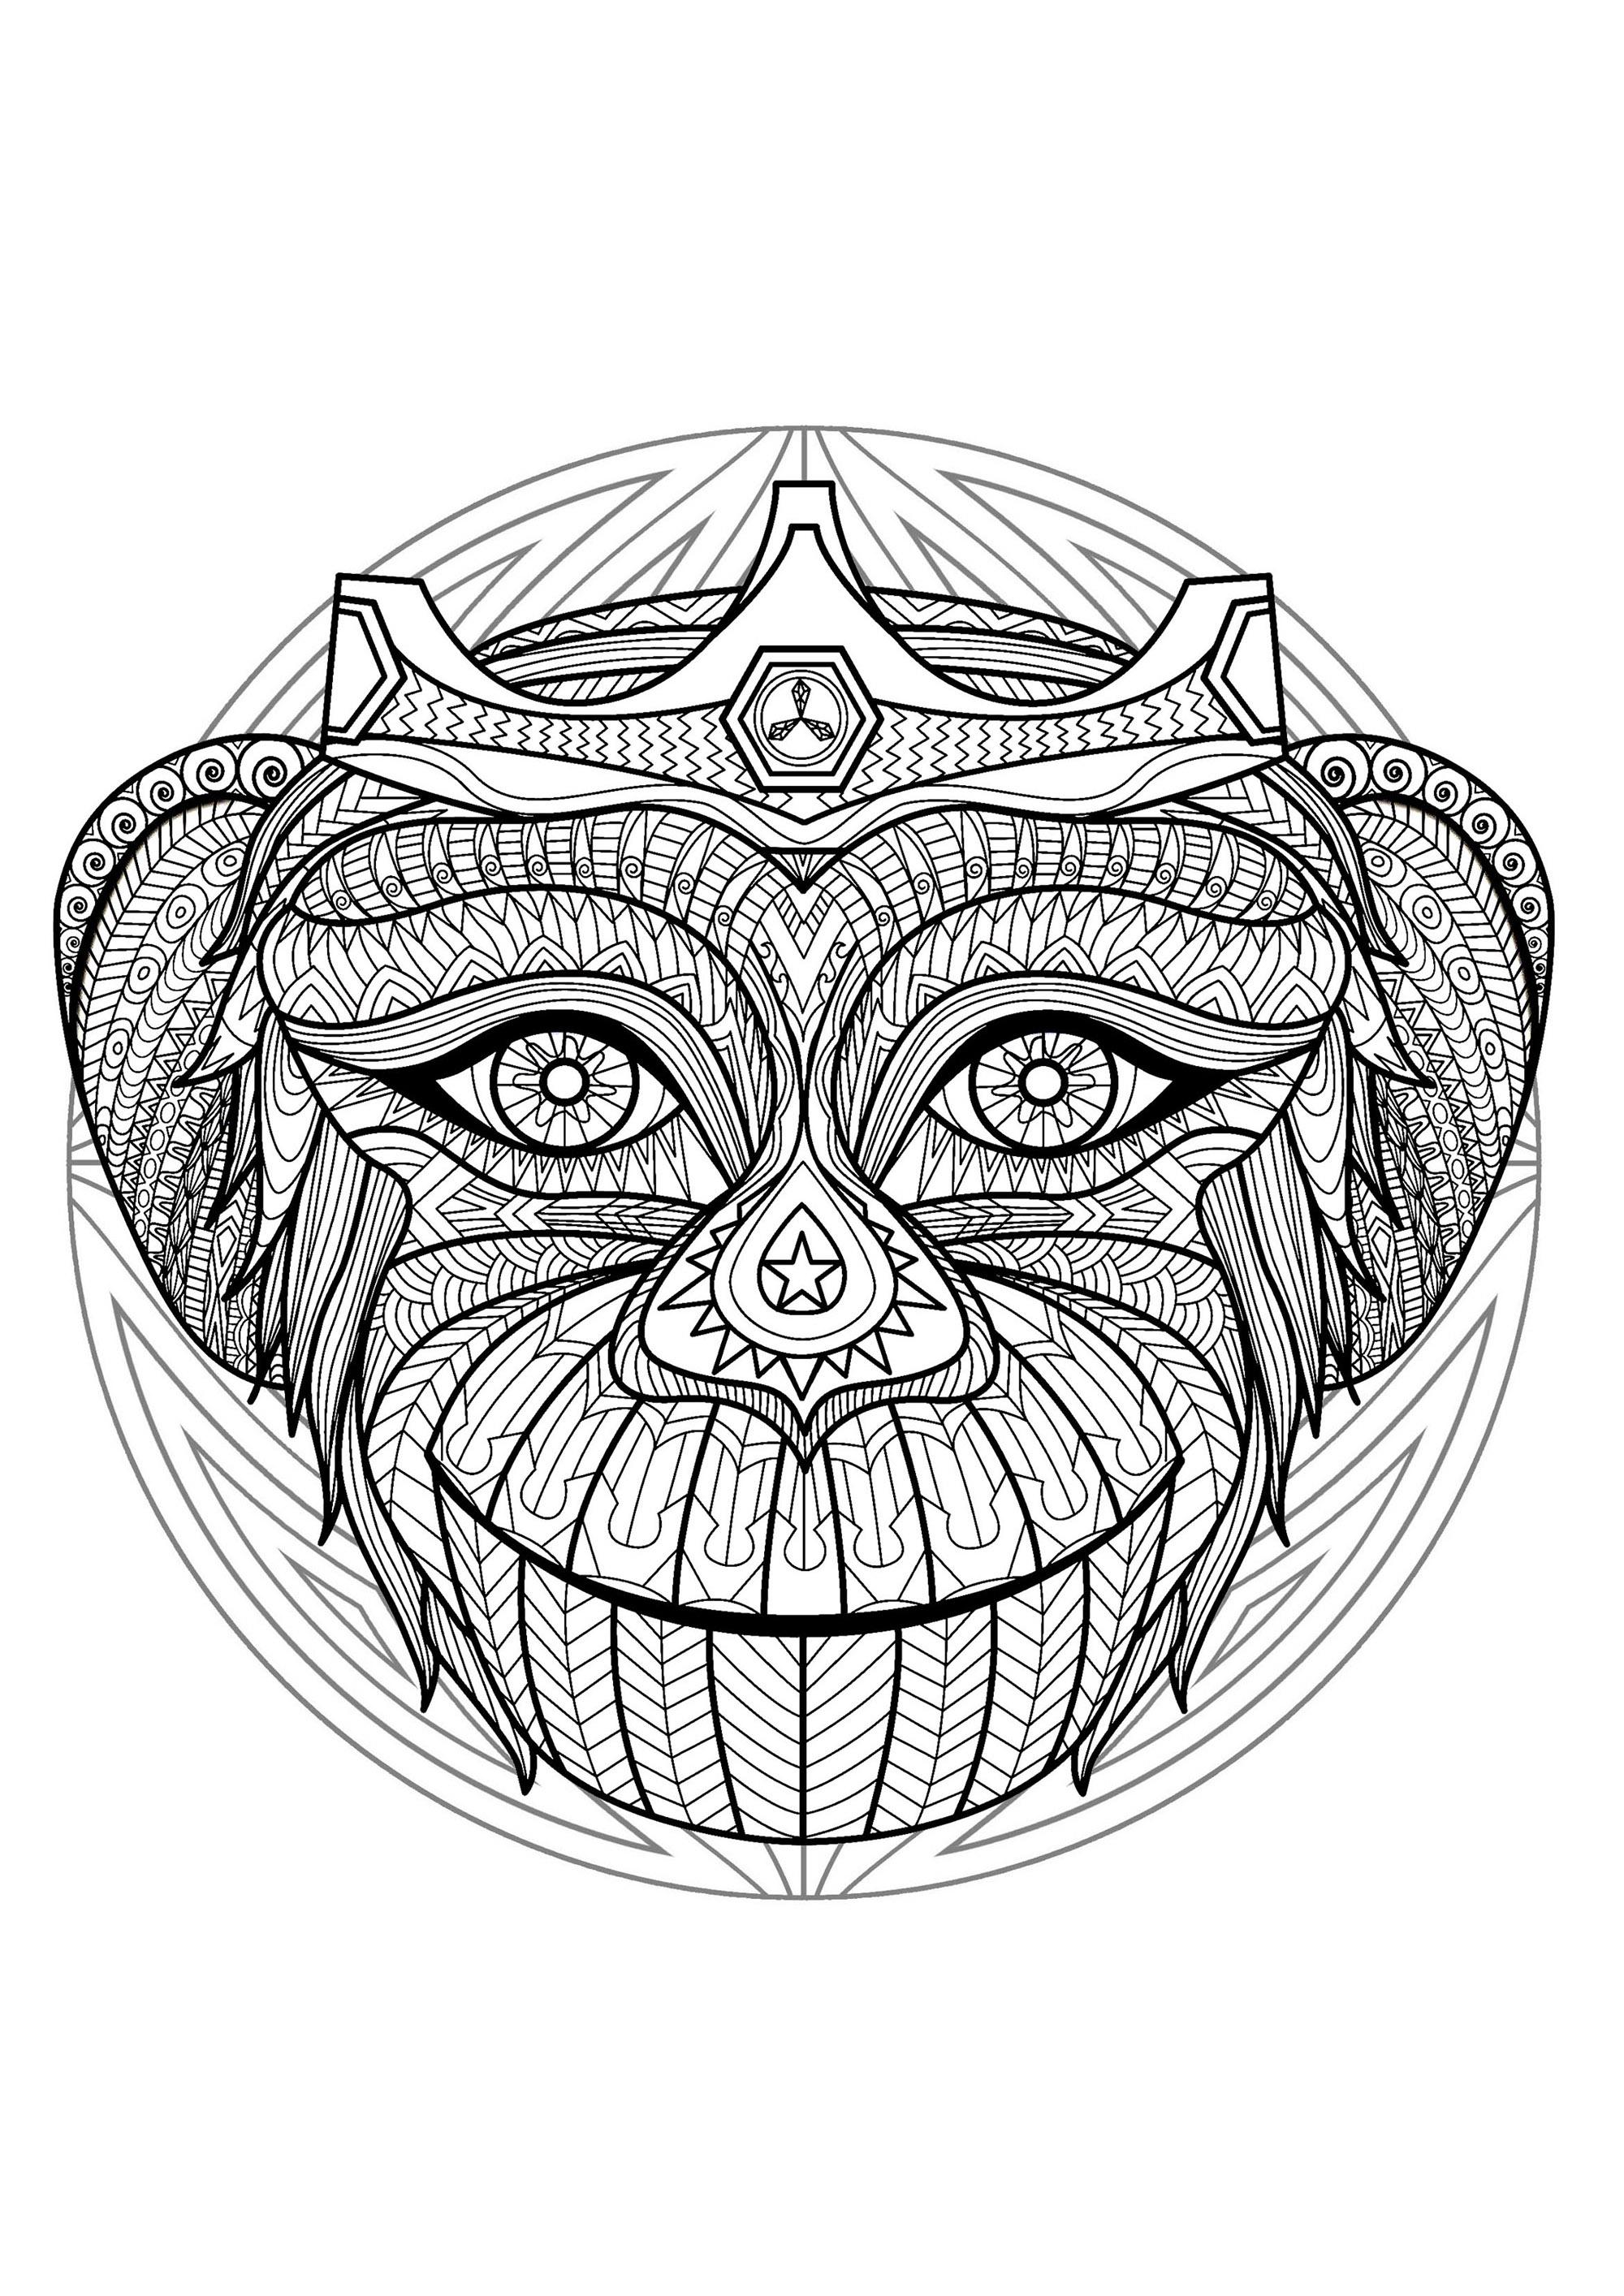 Mandala Tete Singe 2 - Mandalas - Coloriages Difficiles pour Coloriage